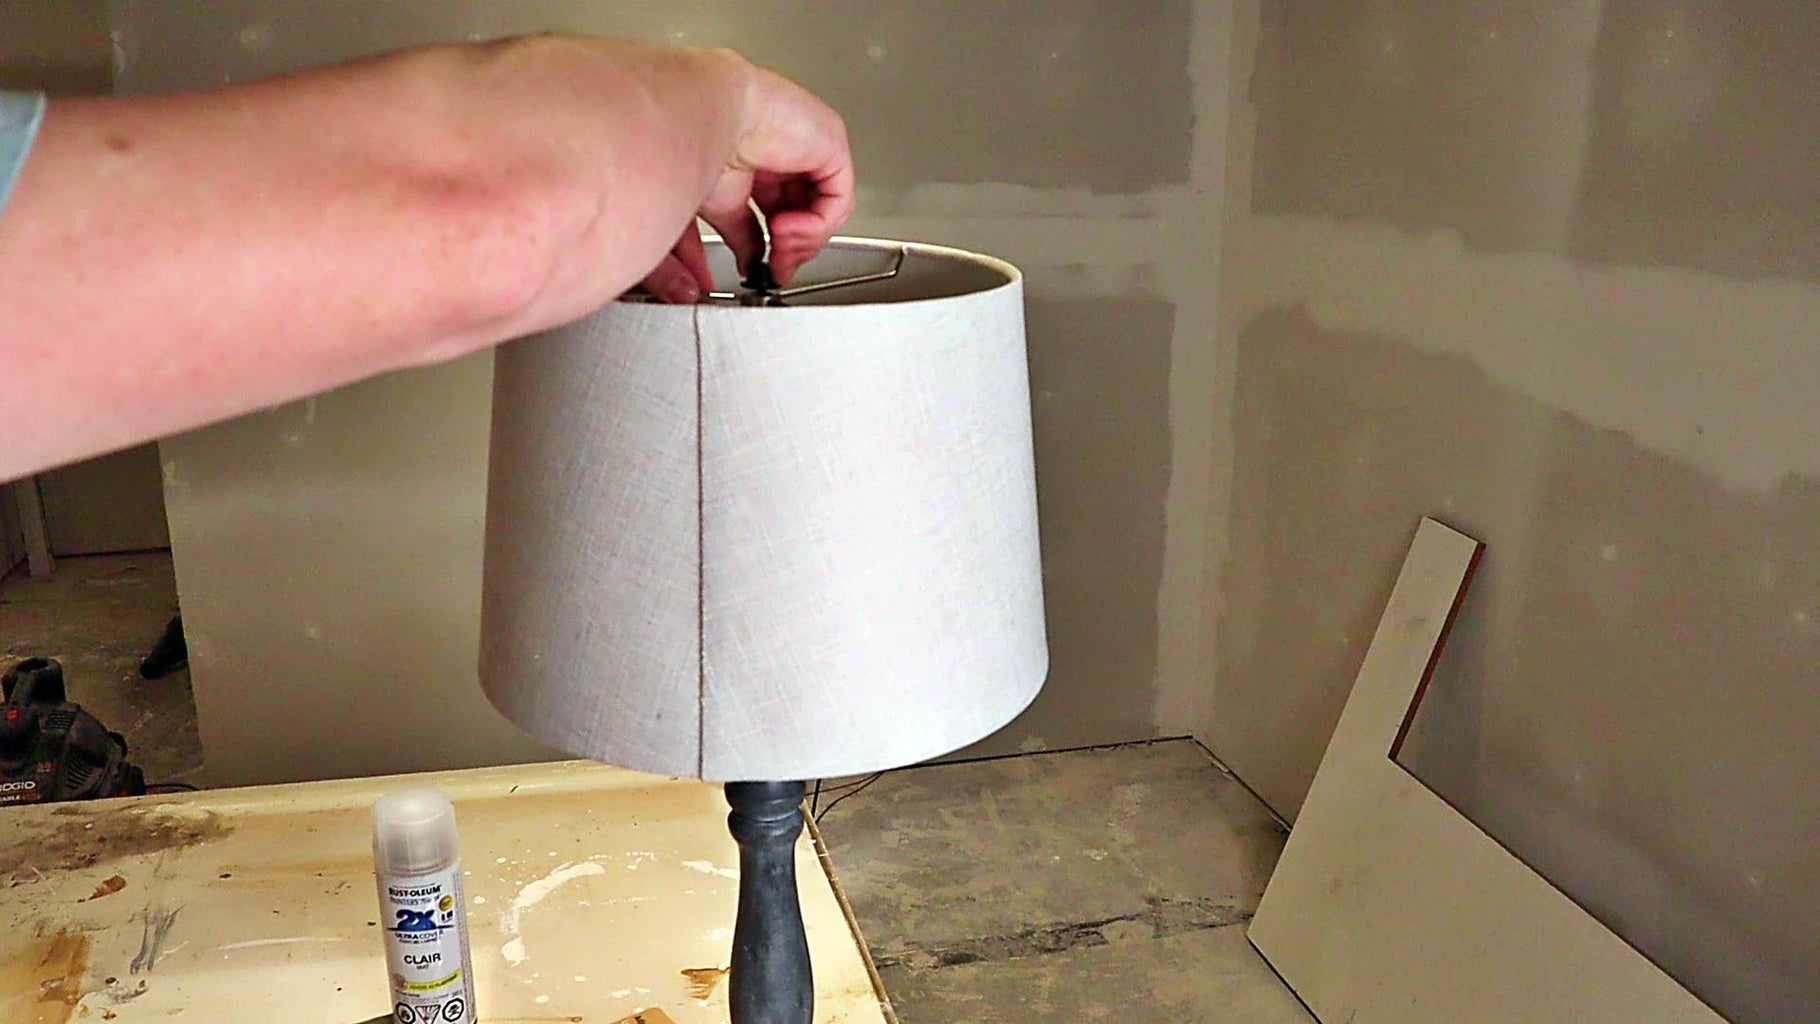 Making It a Lamp Finally!